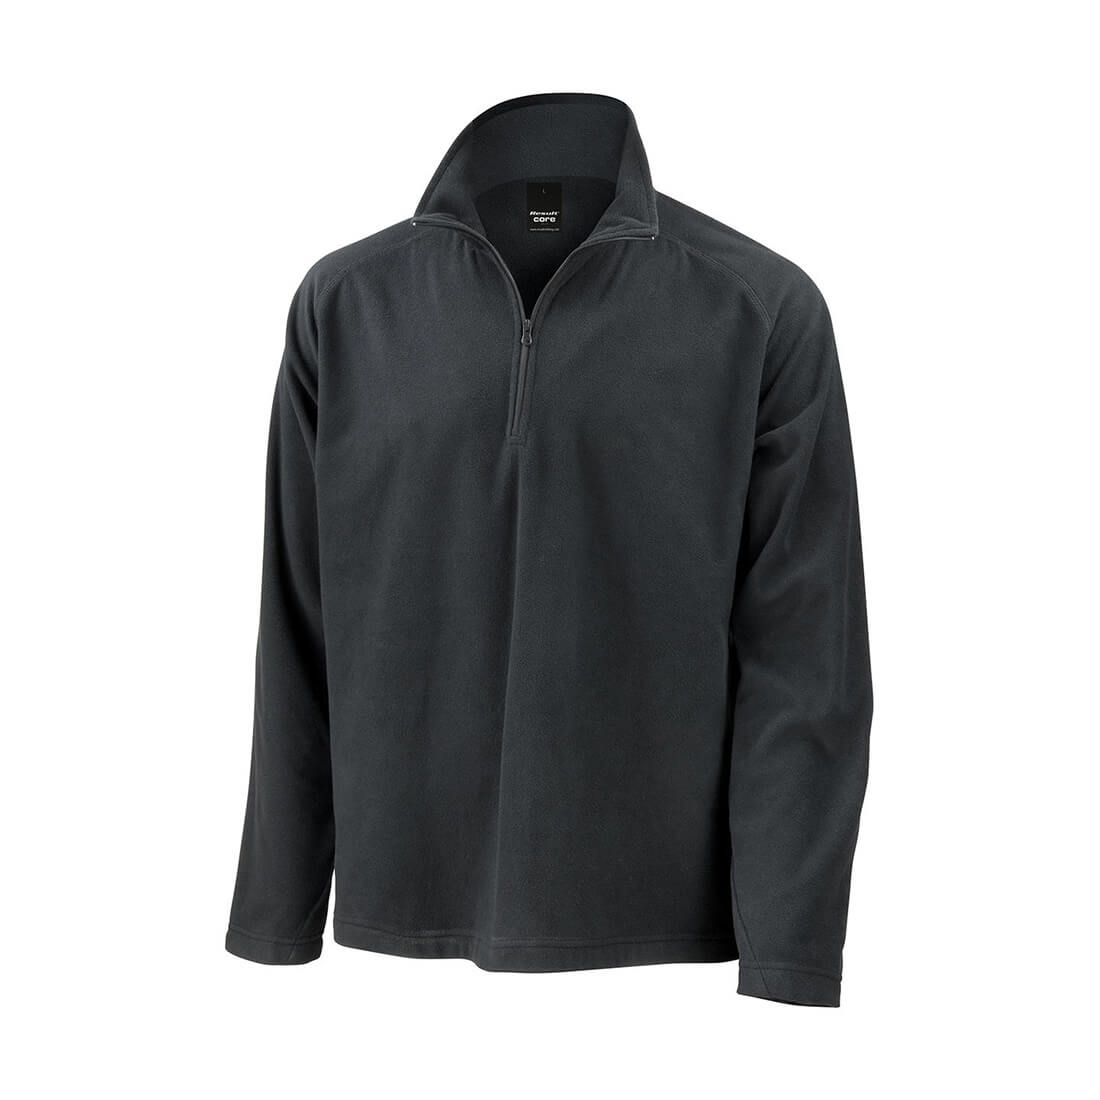 Micron Fleece Mid Layer Top - Imbracaminte de protectie